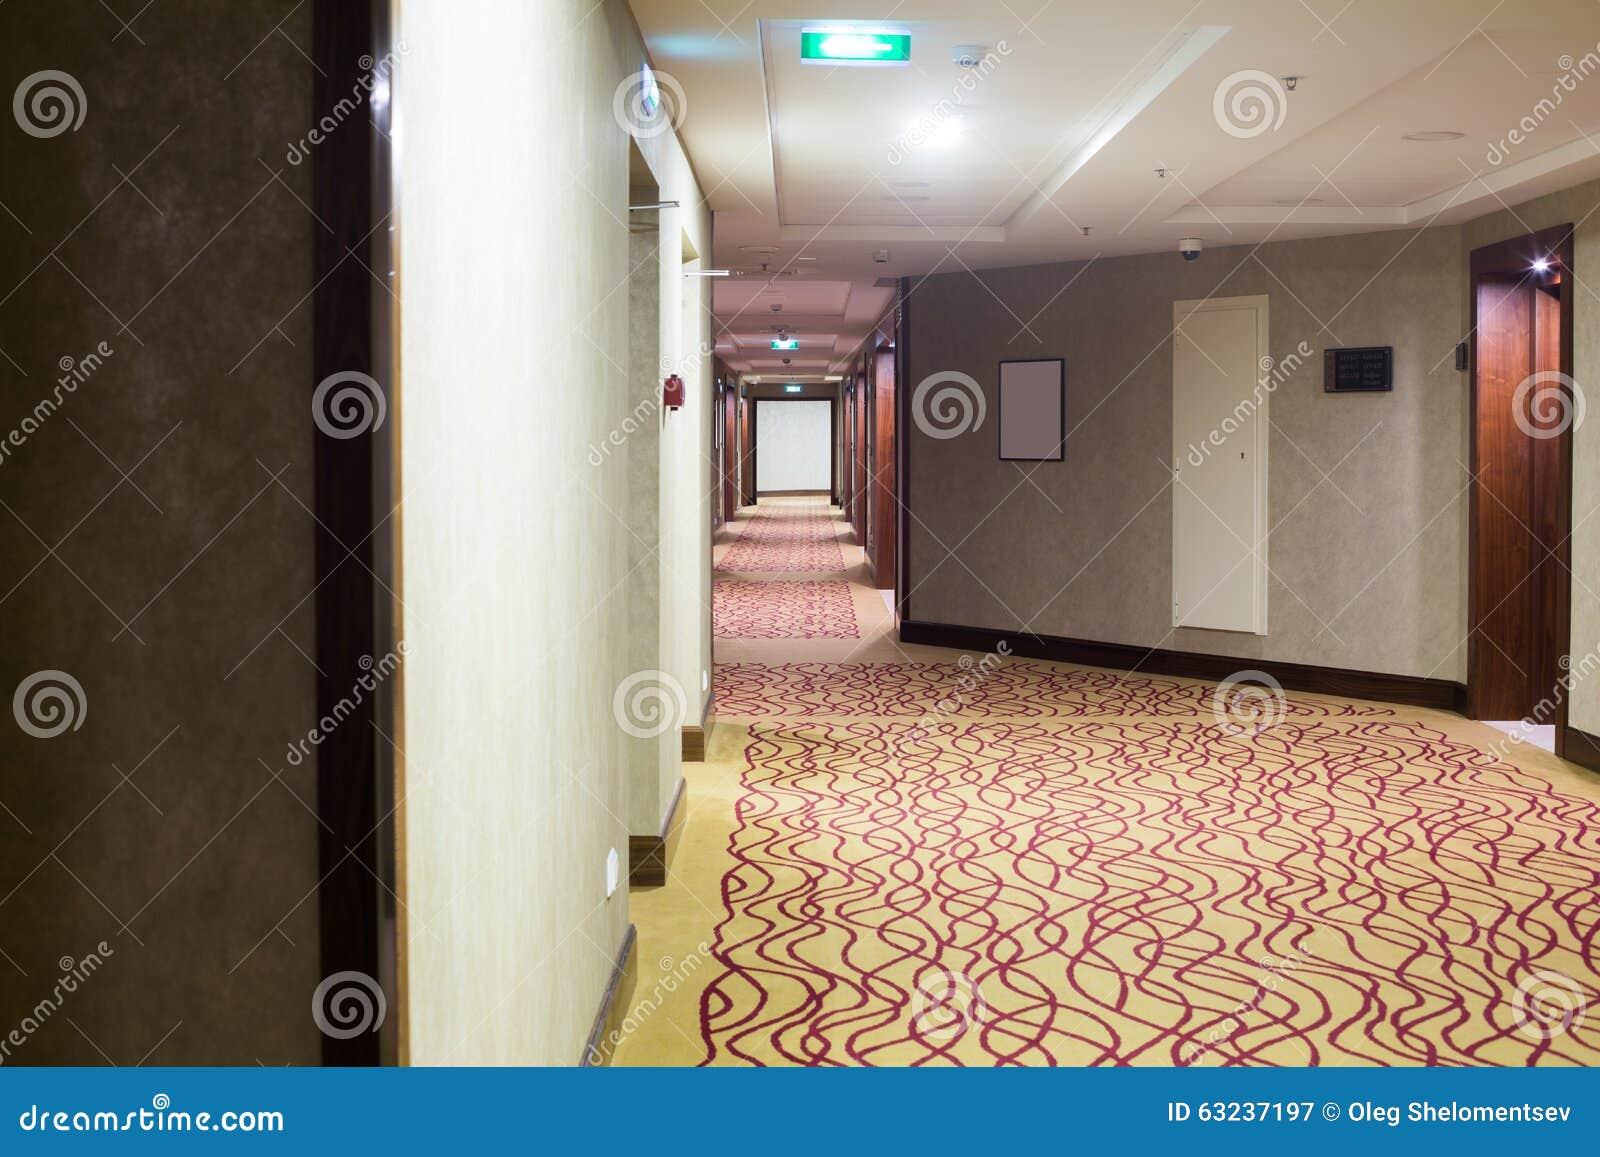 Tapijt Voor Gang : Hotelgang met tapijt stock afbeelding afbeelding bestaande uit